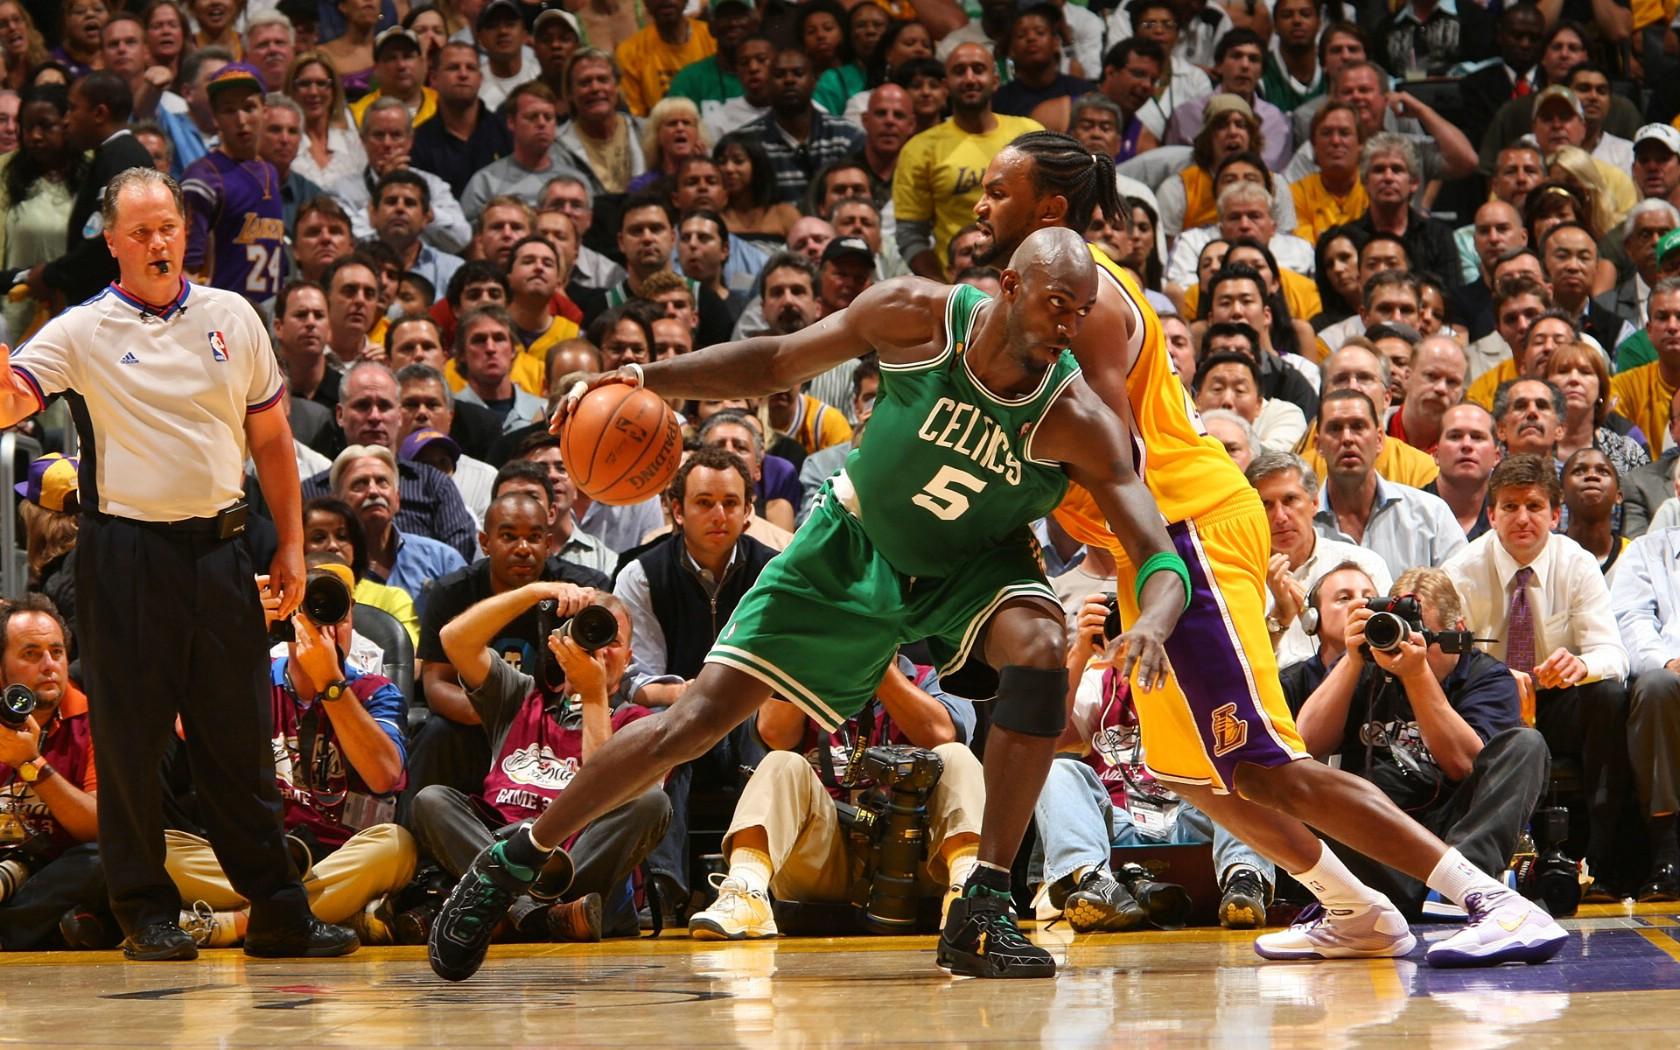 壁纸1680×1050凯文 加内特 Kevin Garnett NBA球星 壁纸1壁纸 凯文・加内特 Kev壁纸图片体育壁纸体育图片素材桌面壁纸